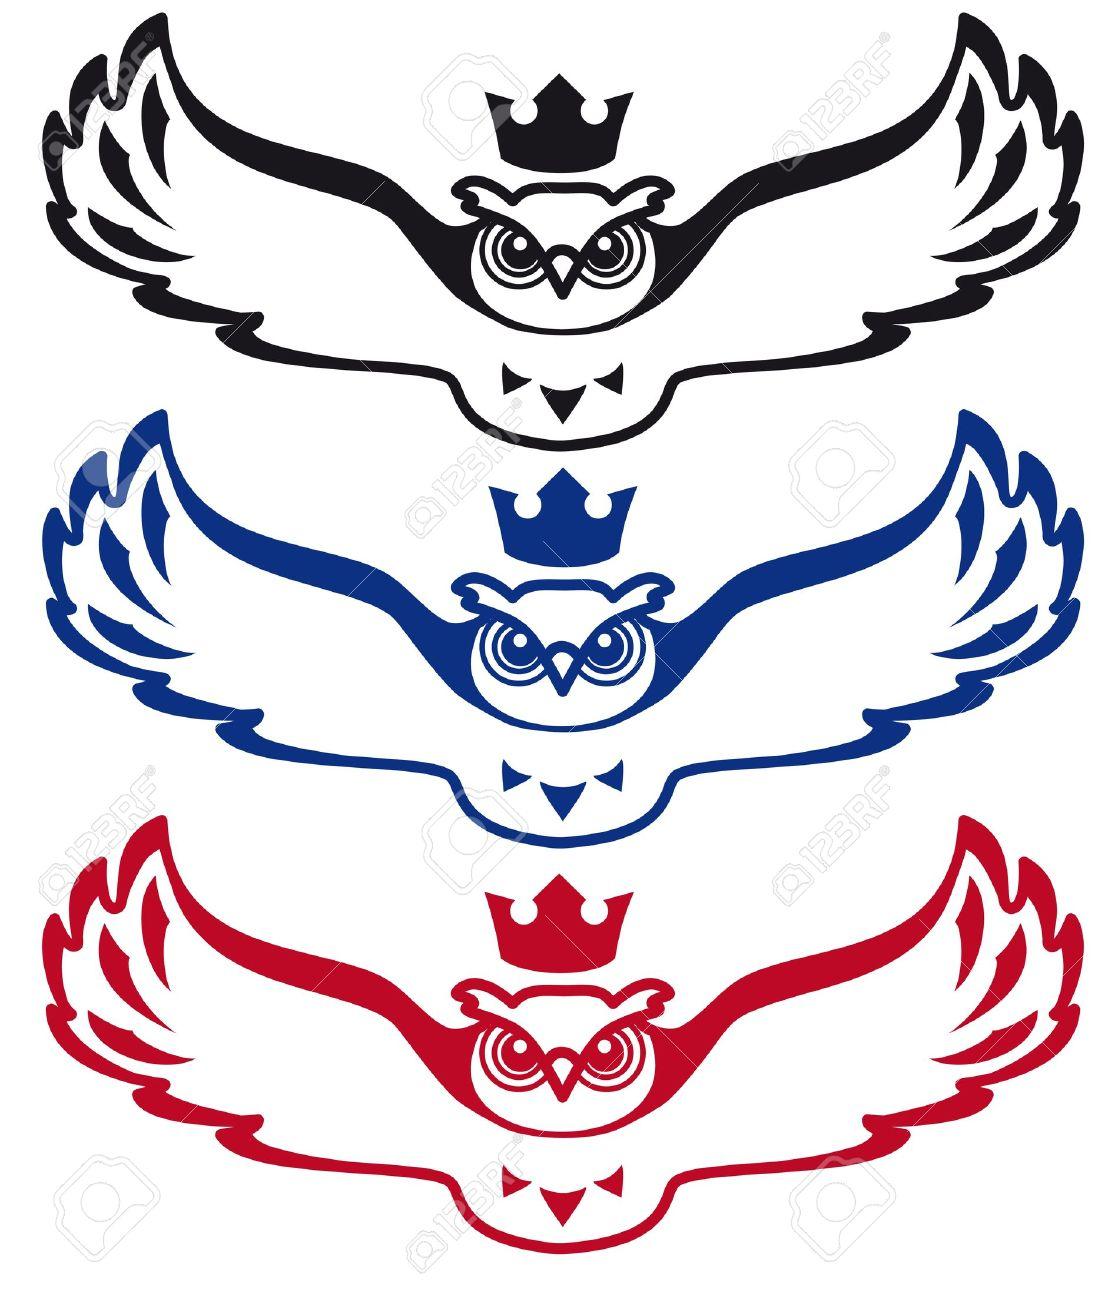 La Chouette Symbole voler chouette avec une couronne sur sa tête, l'image peut être être